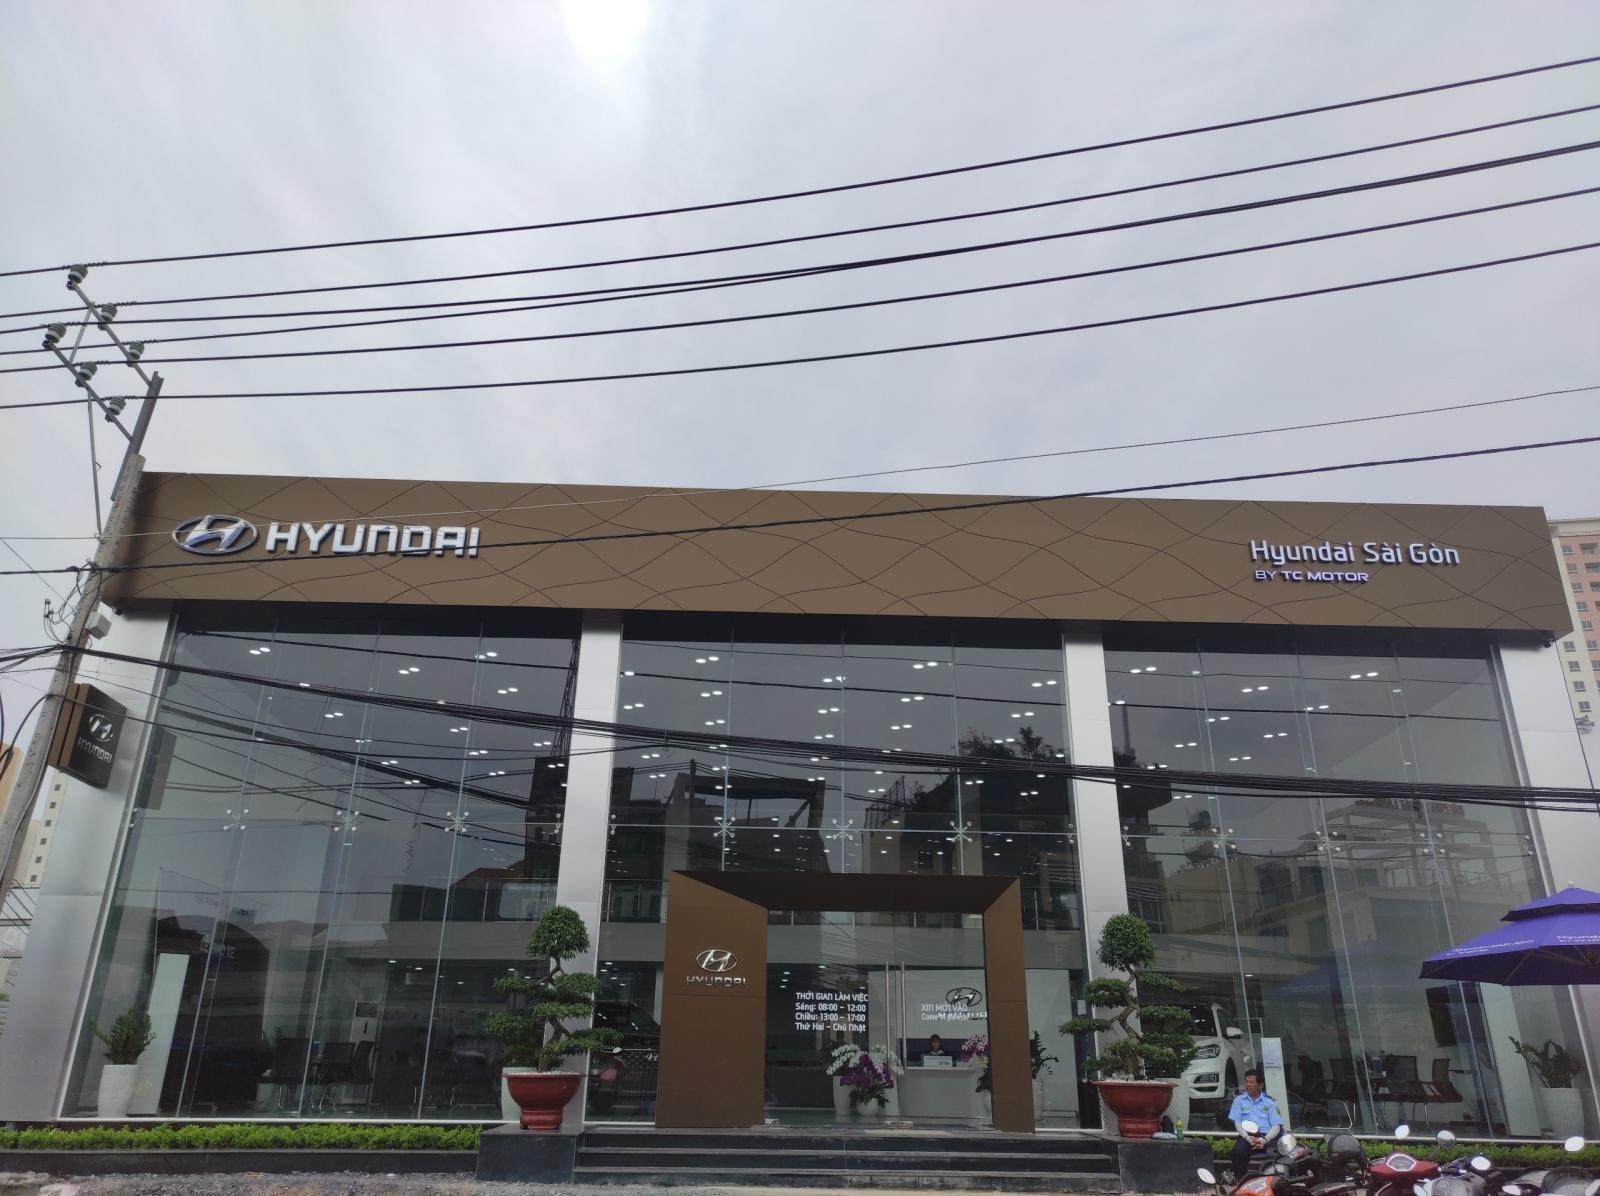 Đại lý Hyundai Quận 2 – hệ thống Hyundai Sài Gòn